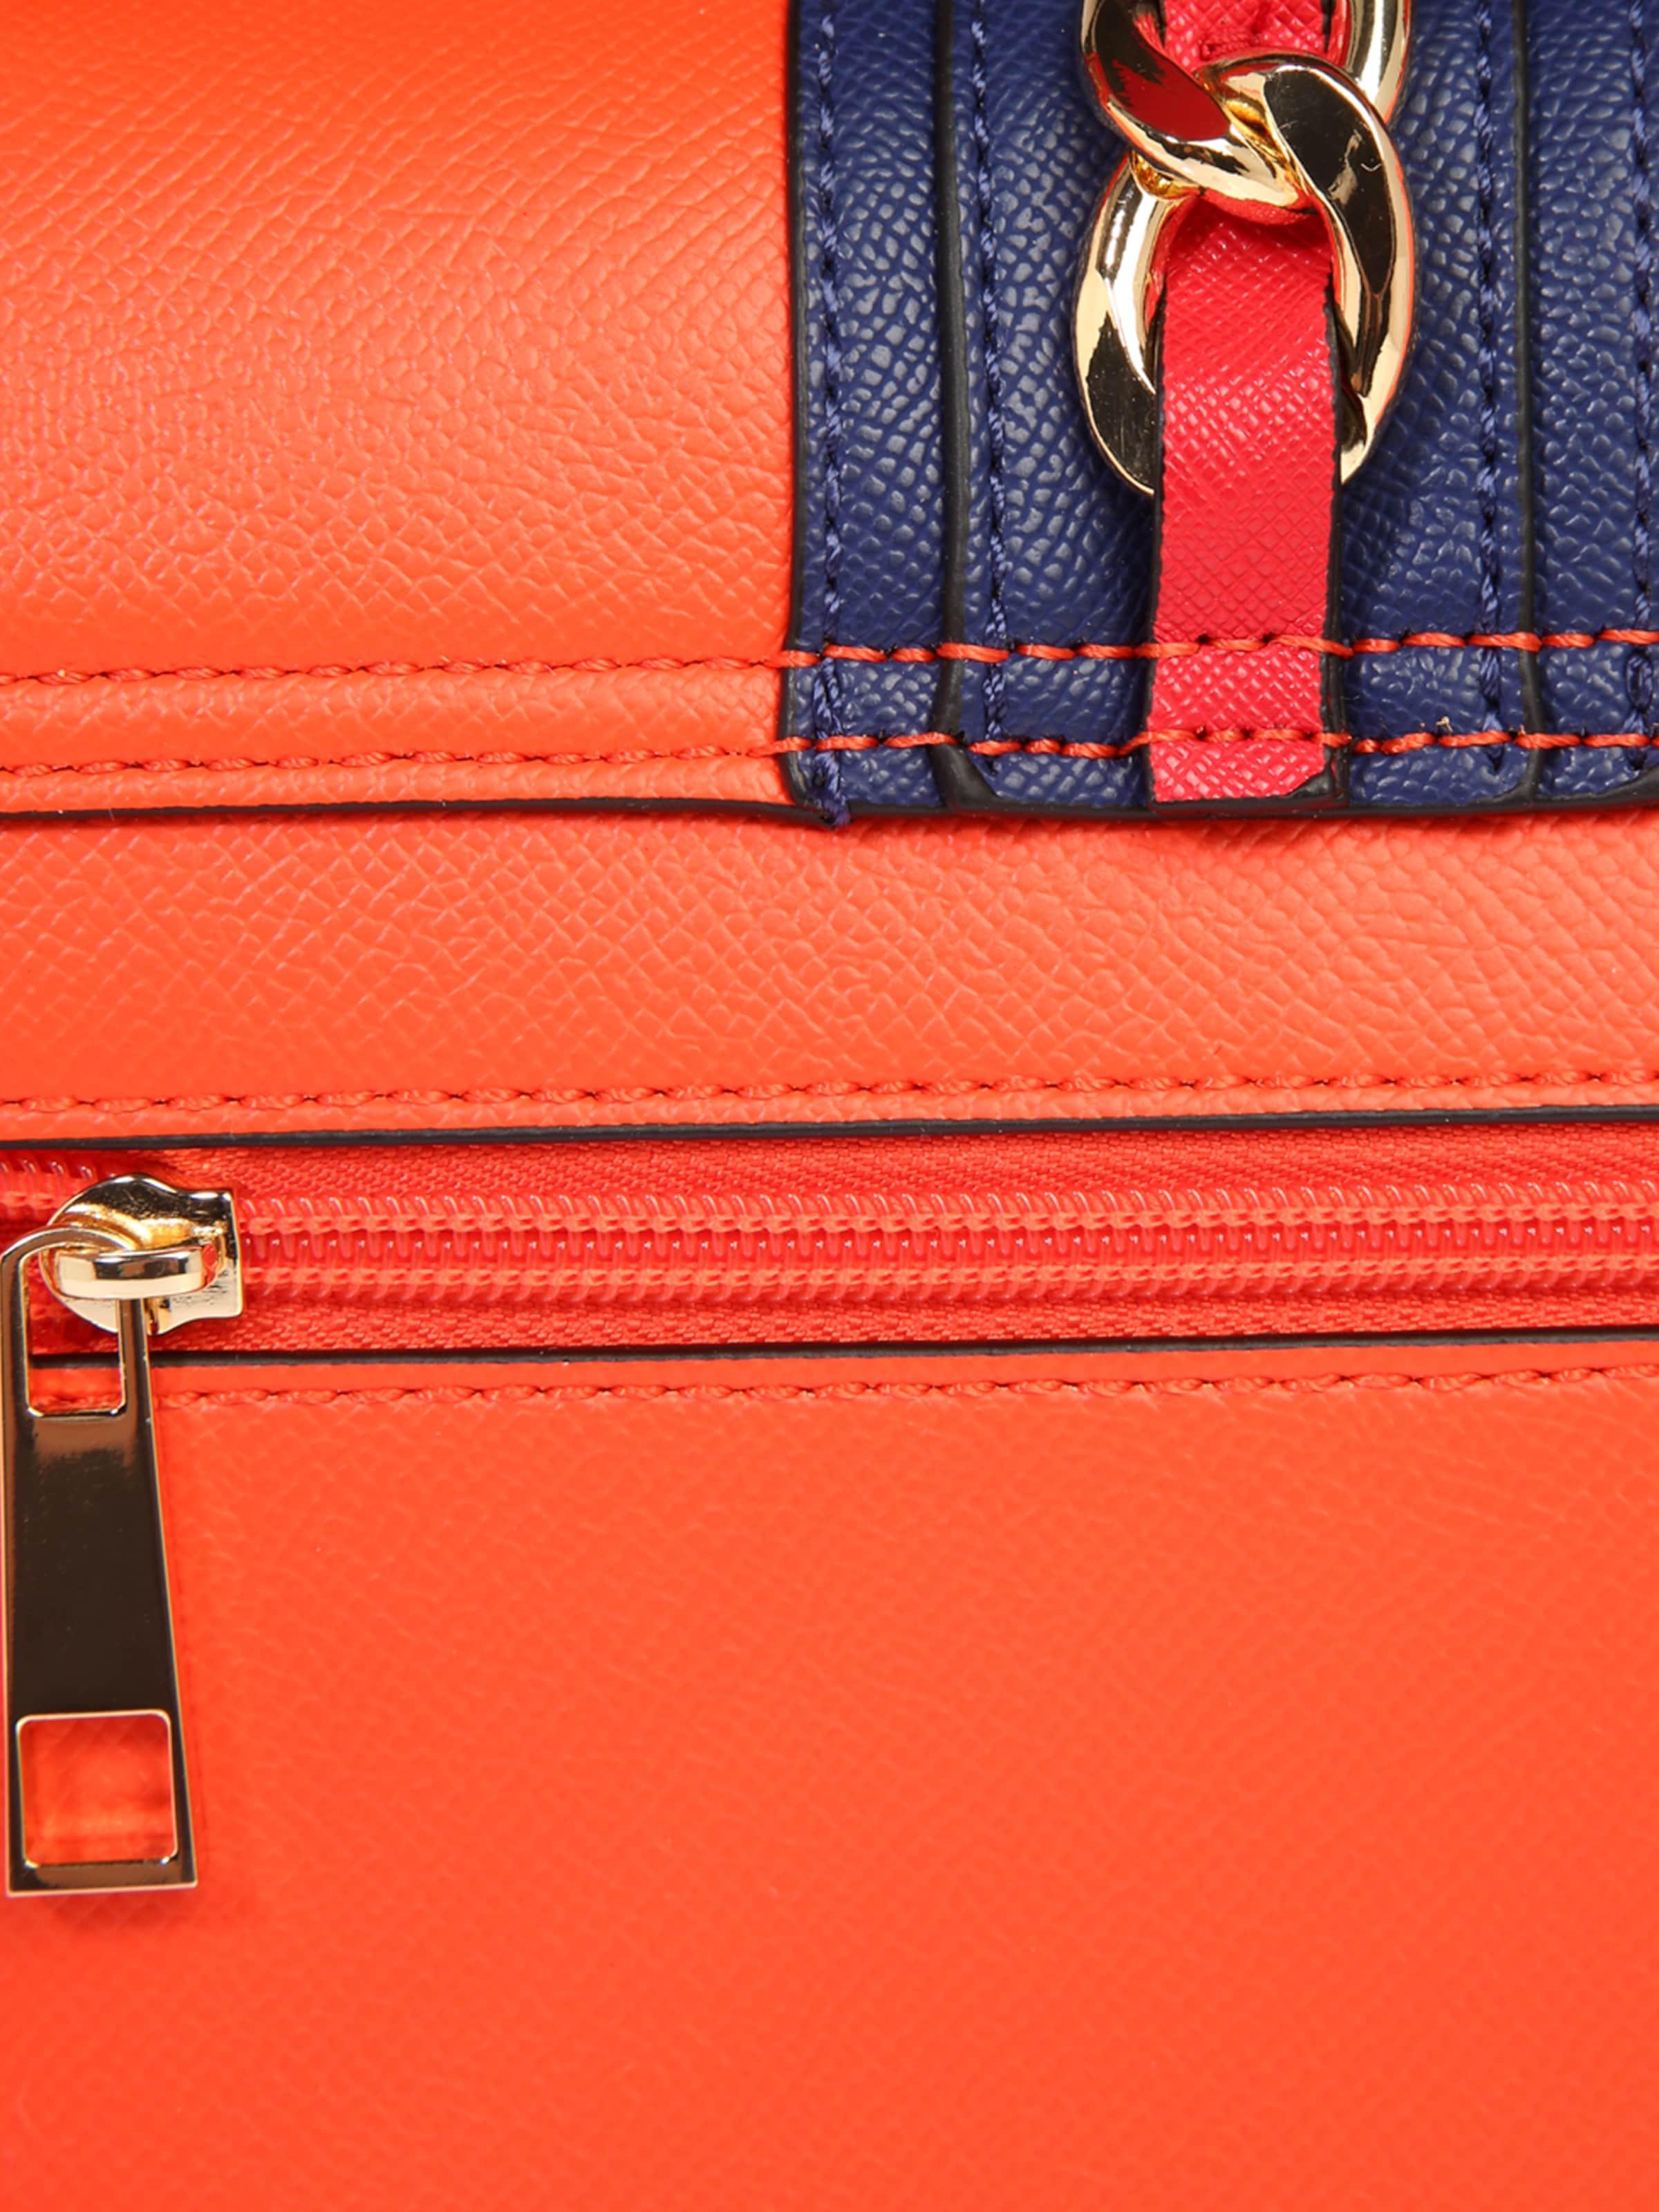 ALDO Handtasche 'GLENDAA' Abstand Rabatt Billig Verkauf Niedriger Preis Freies Verschiffen Neuestes FTlRhrhP